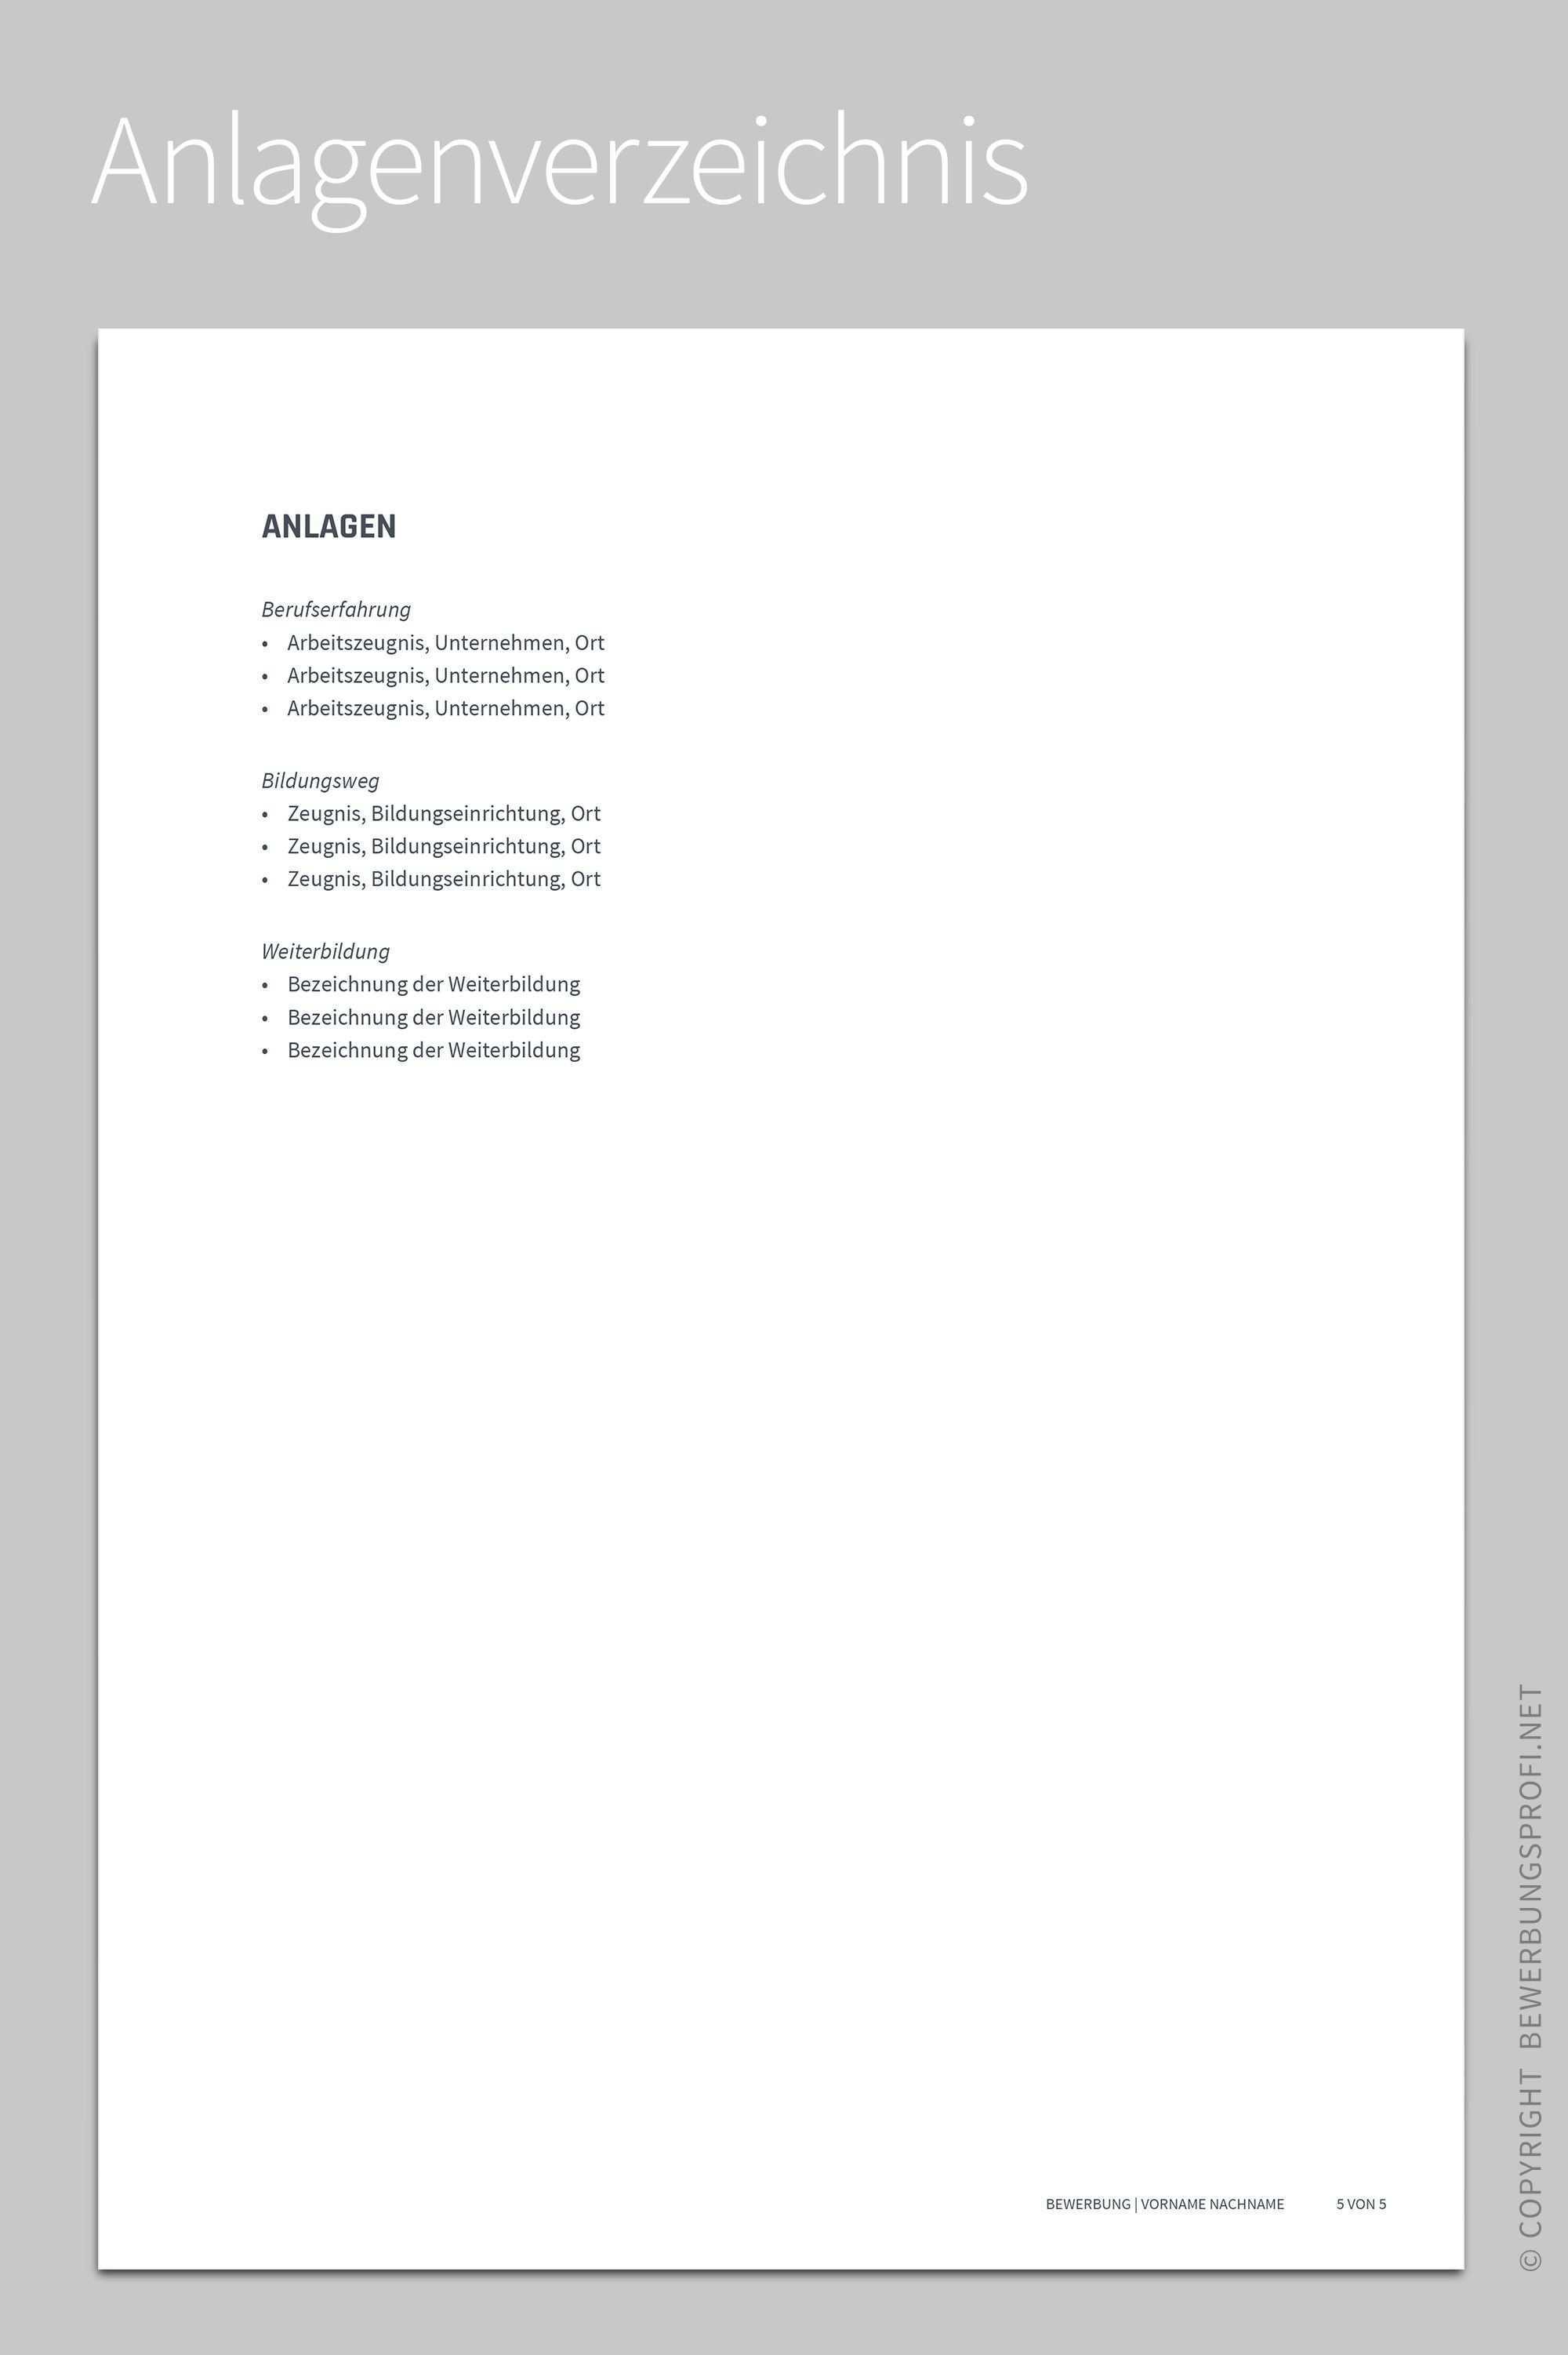 Anlagenverzeichnis Libero Bewerbung Muster Bewerbung Lebenslauf Beispiele